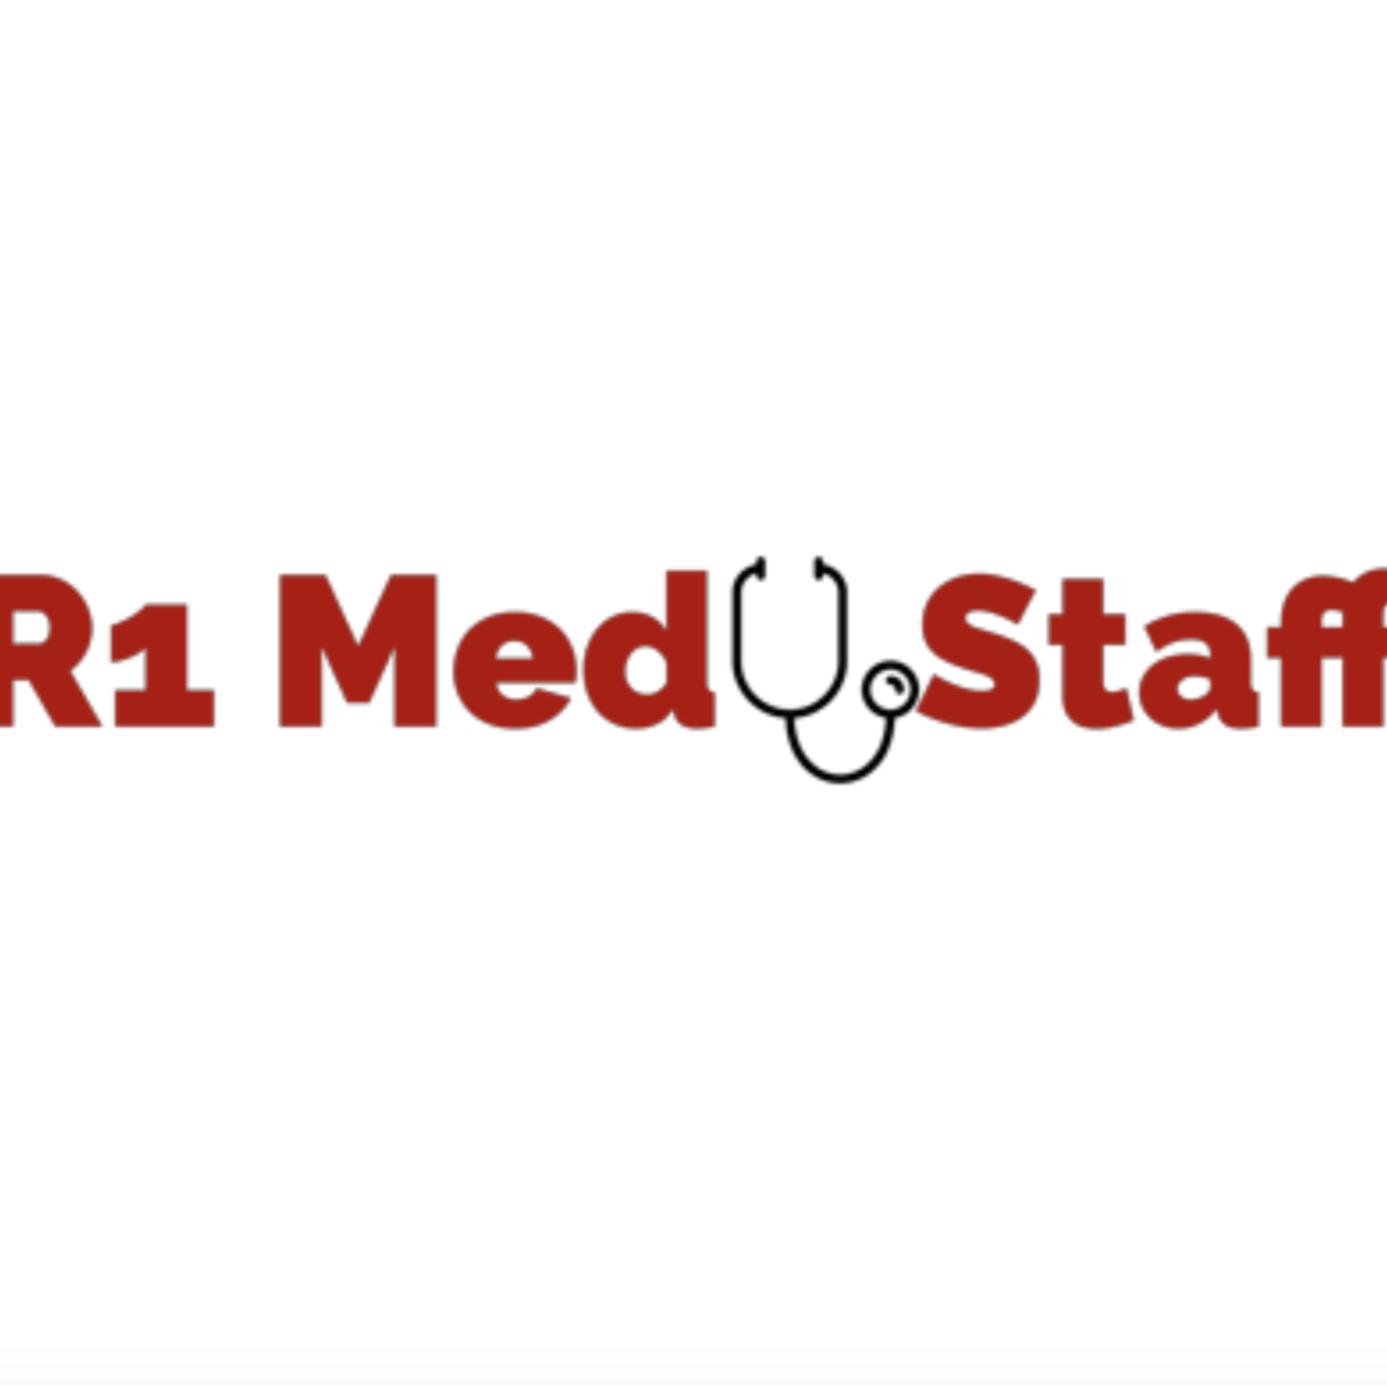 R1 Med-Staff